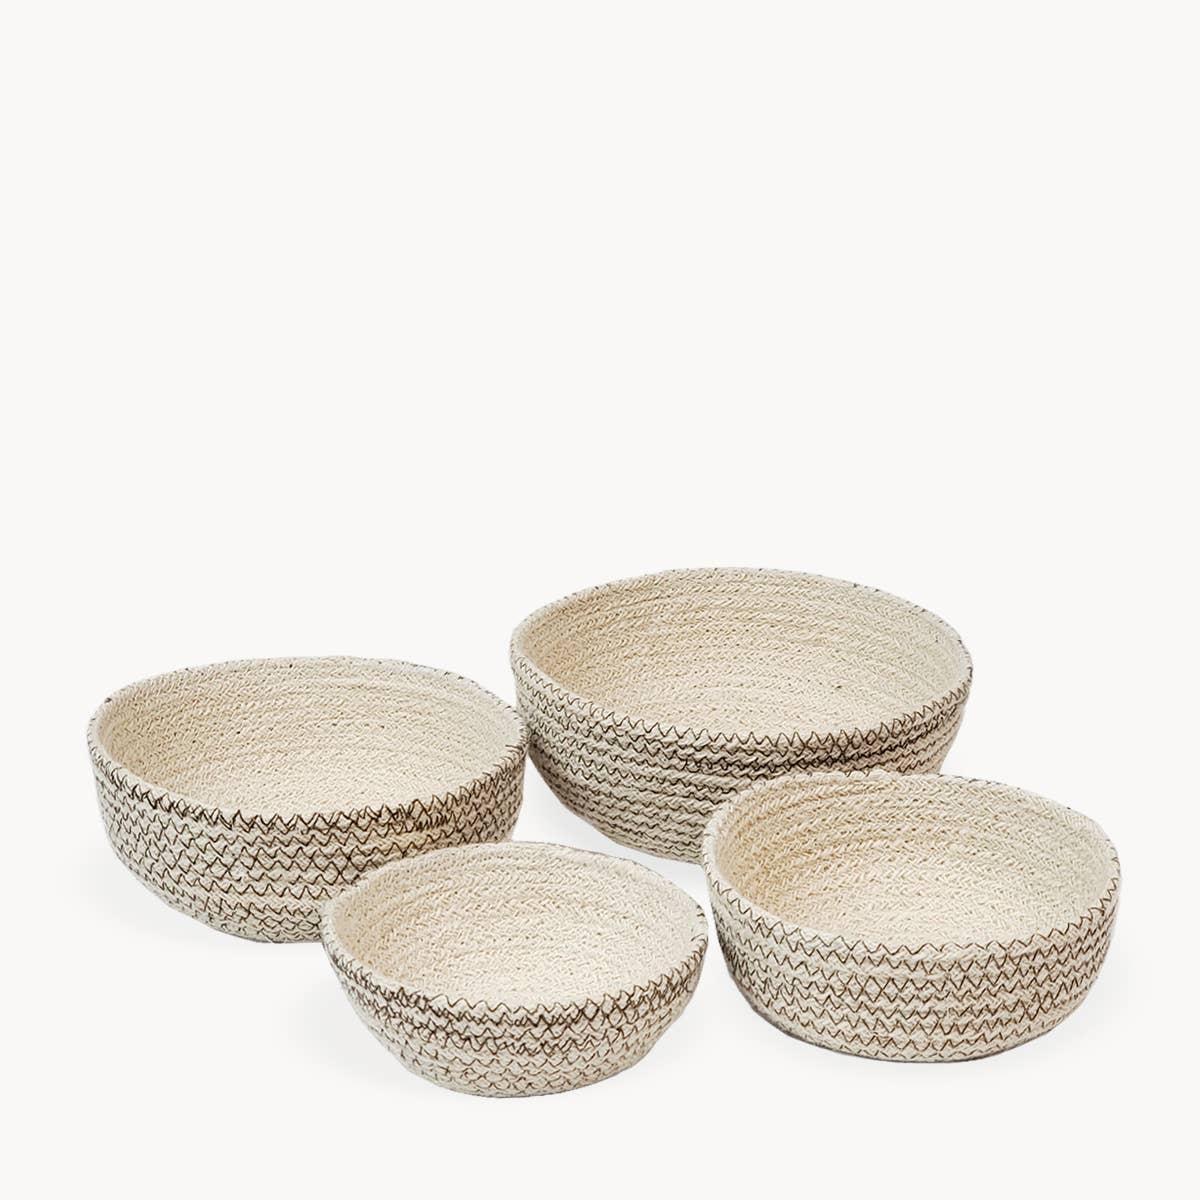 Amari Round Bowl - Brown (Set of 4) | Trada Marketplace